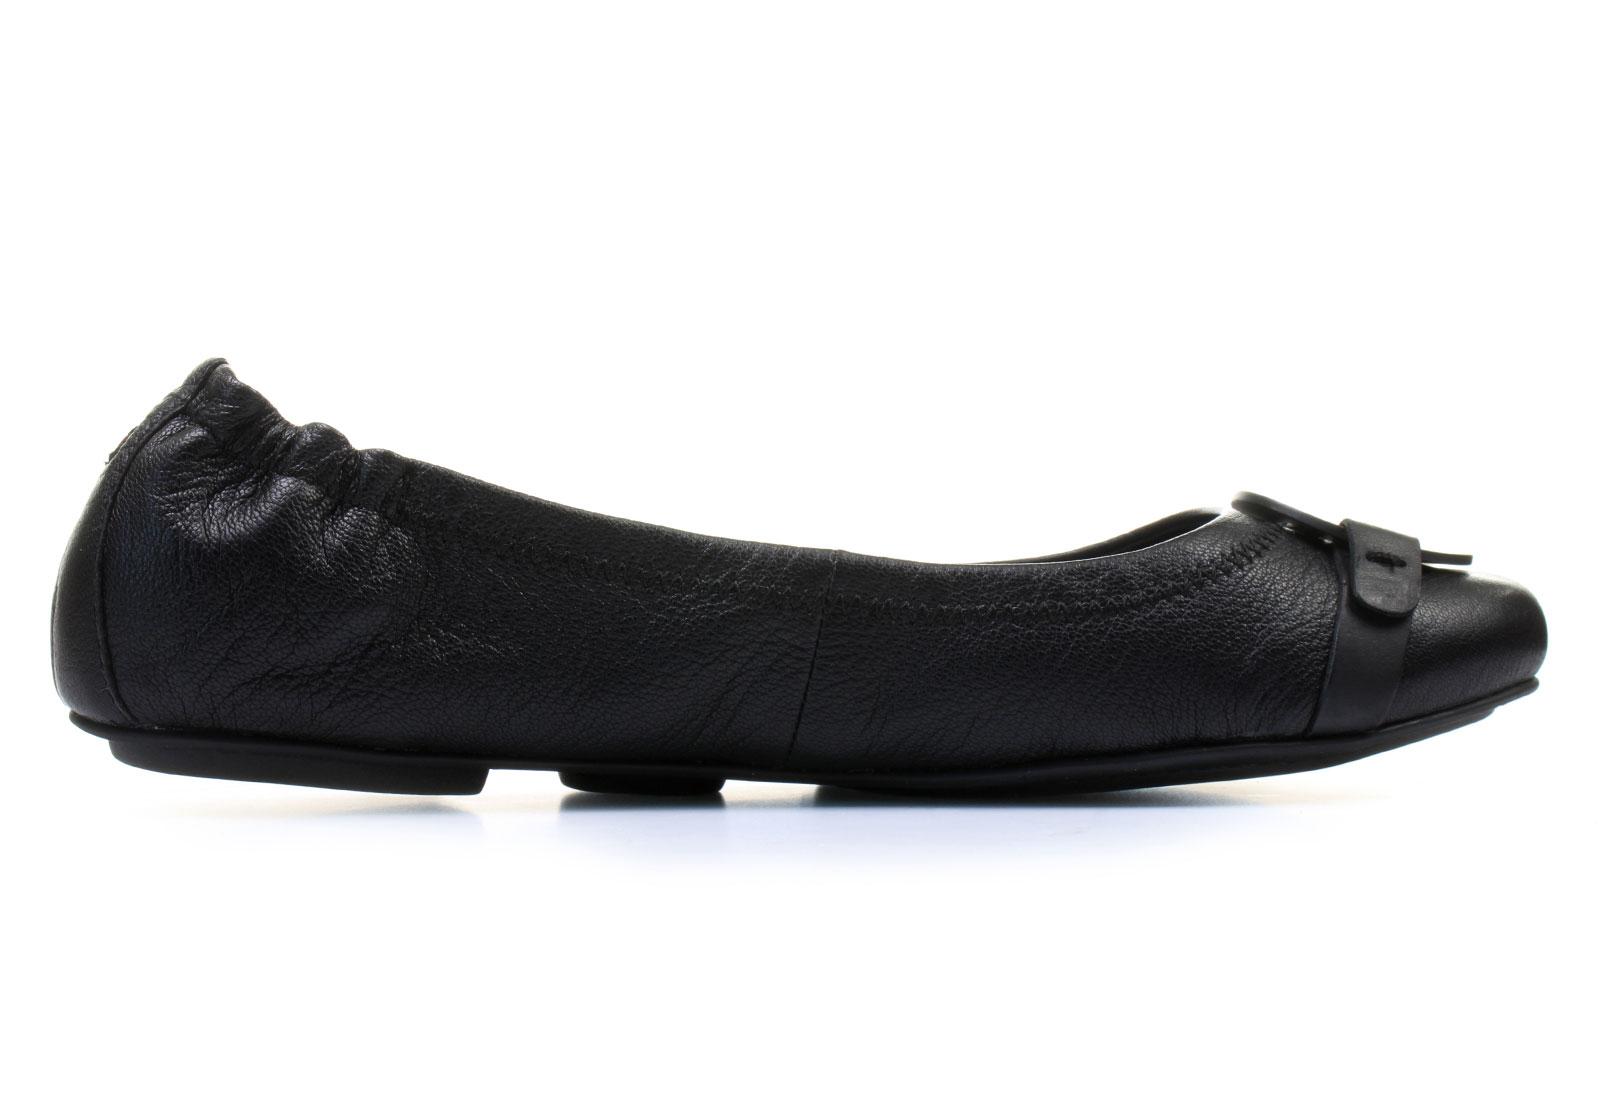 tommy hilfiger high heels appleton 1a 16f 1774 990. Black Bedroom Furniture Sets. Home Design Ideas